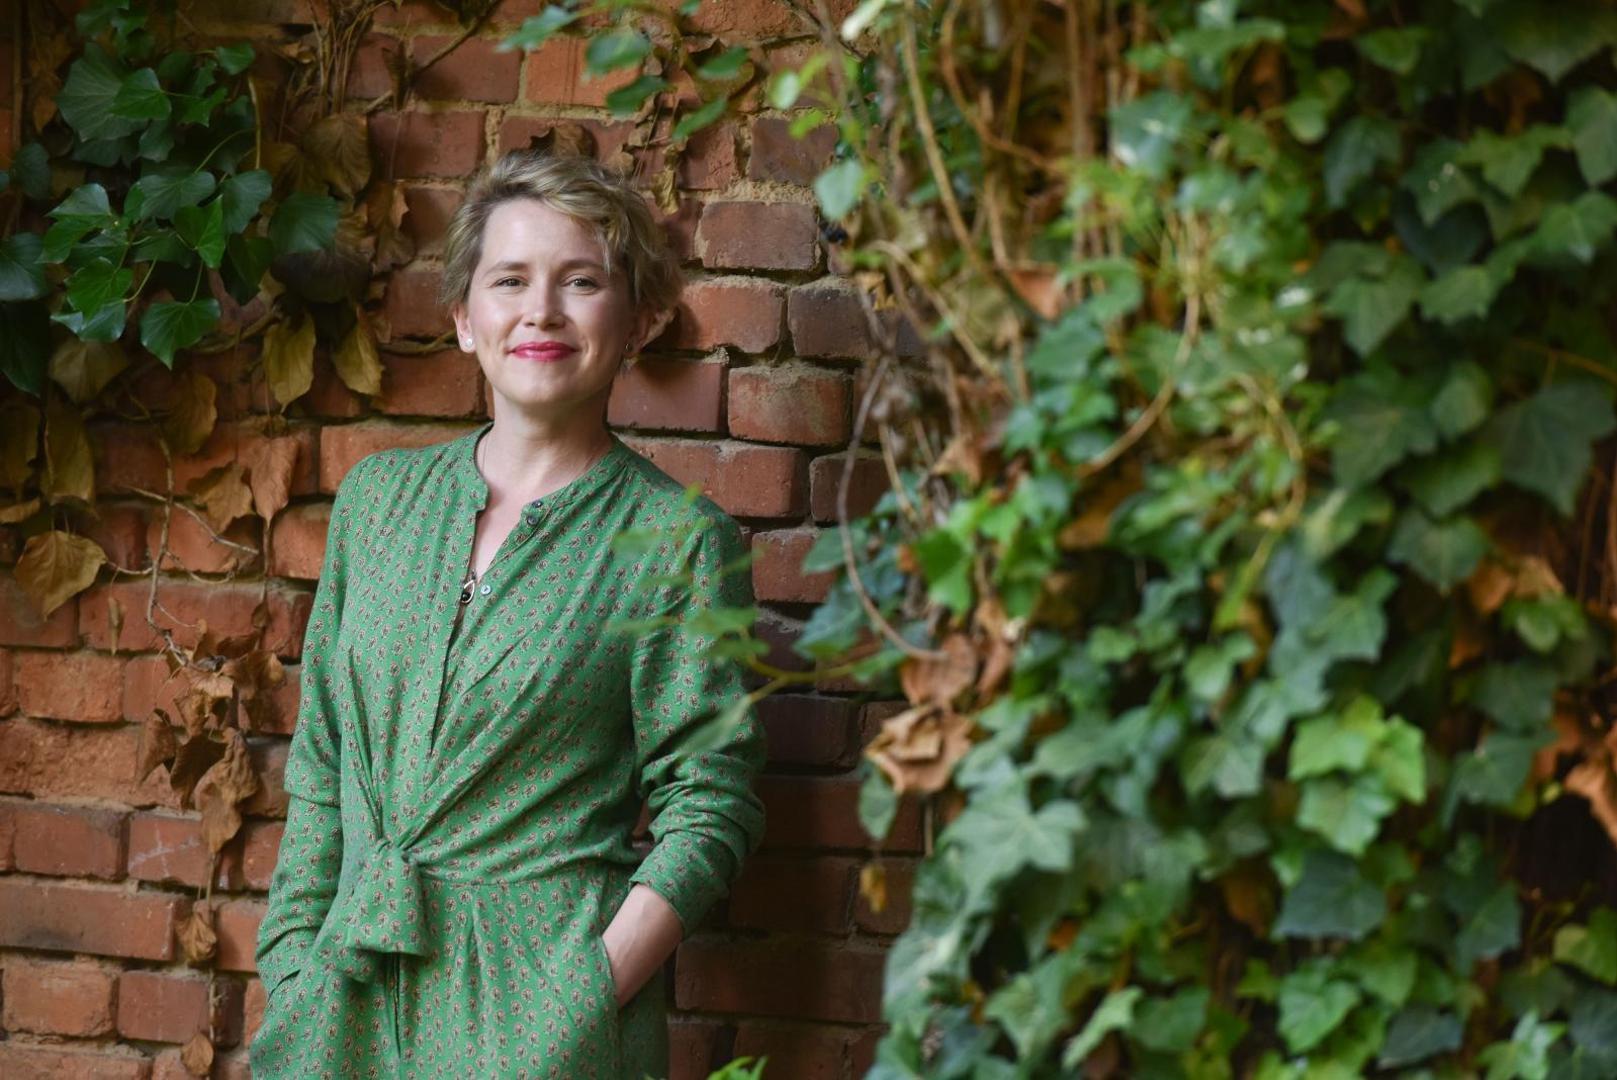 Ivana Kekin: Mile i ja smo jako politični, a računamo na glasove ljudi kojima je dosta devijacija